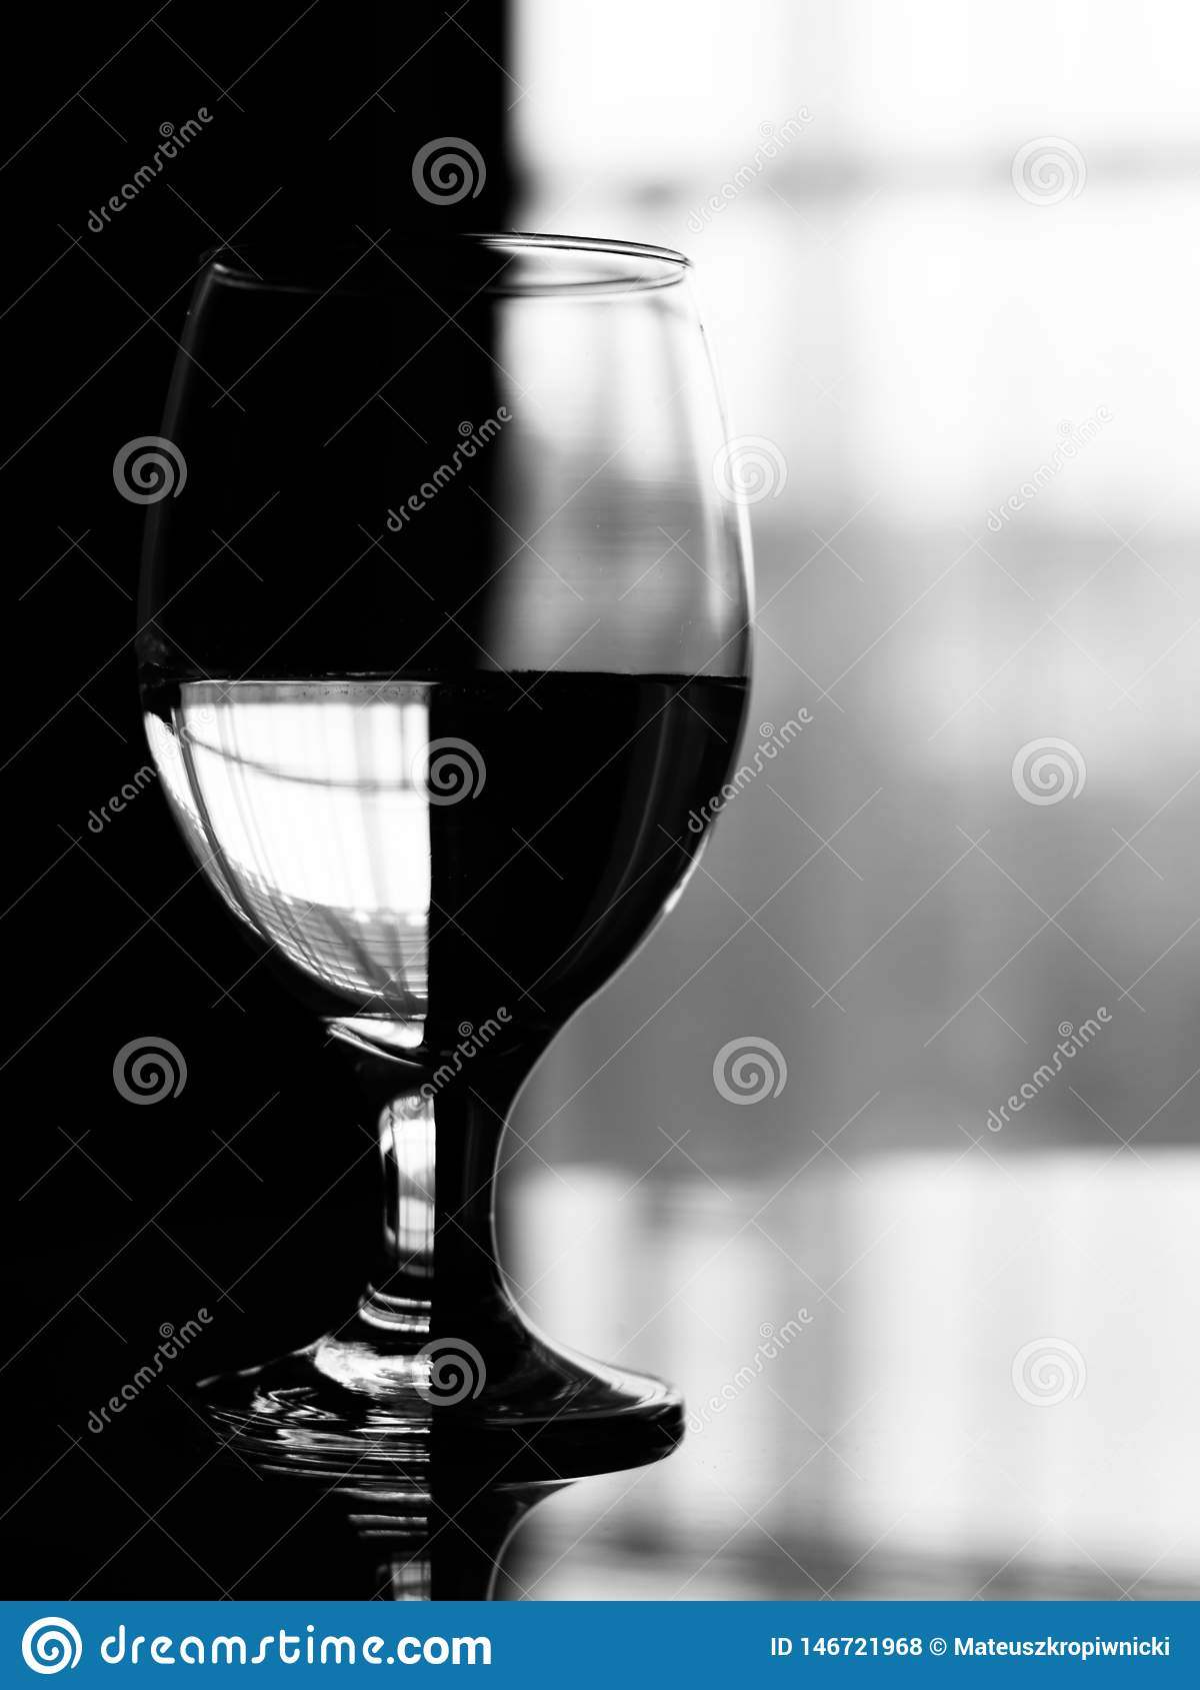 Effetto artistico sul vetro di vino riempito di acqua